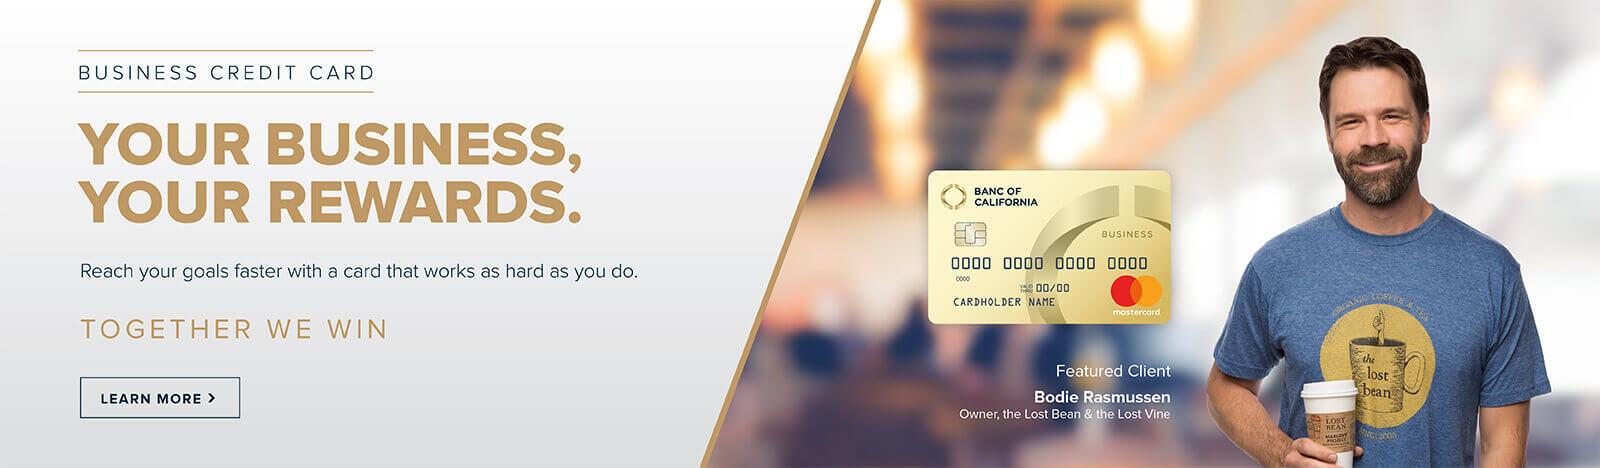 business credit card slider